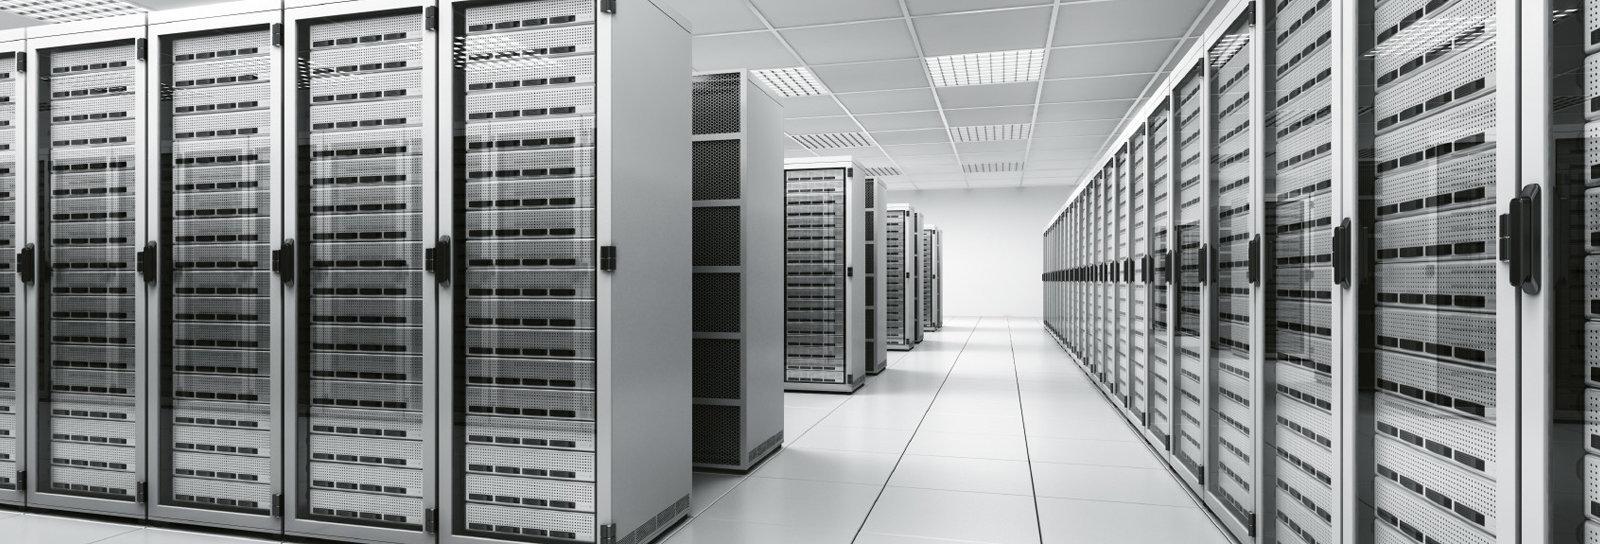 Initial server setup